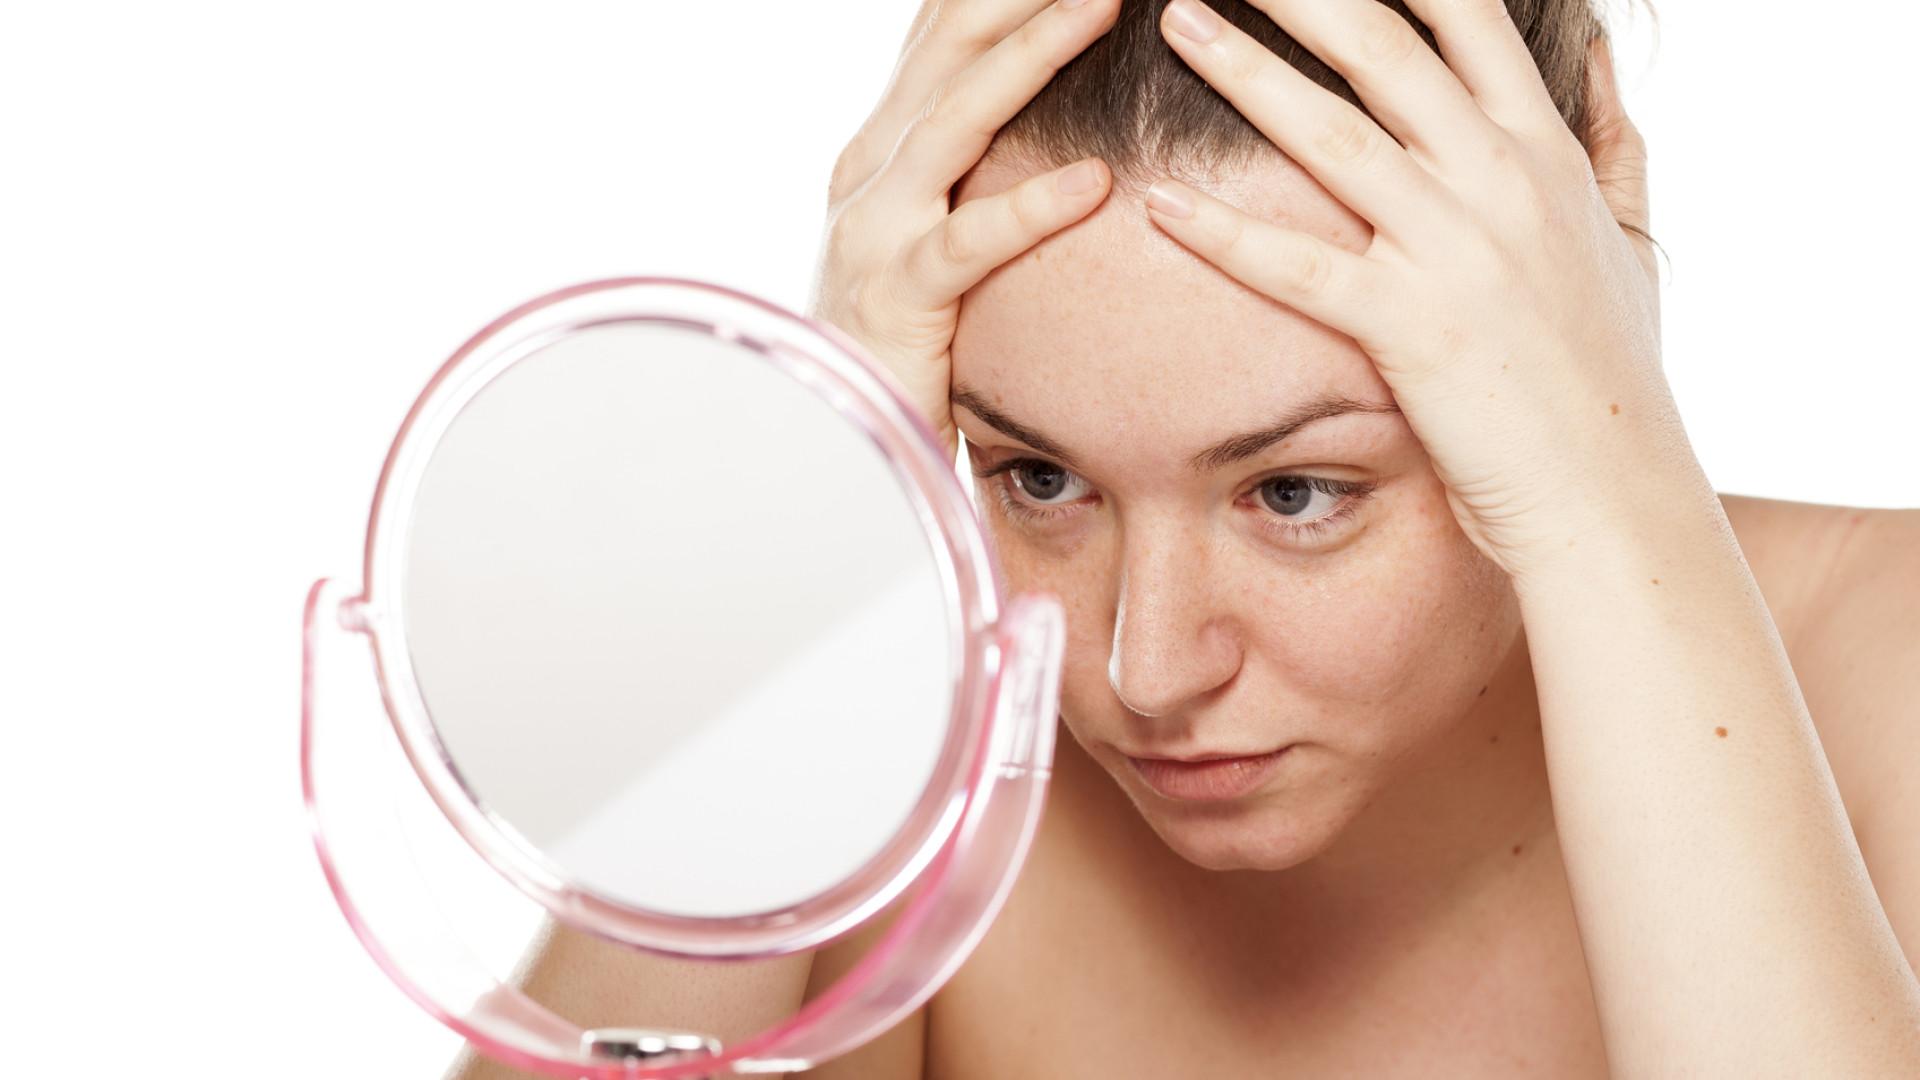 Vacina promissora contra a acne pode deixar paciente imune à condição